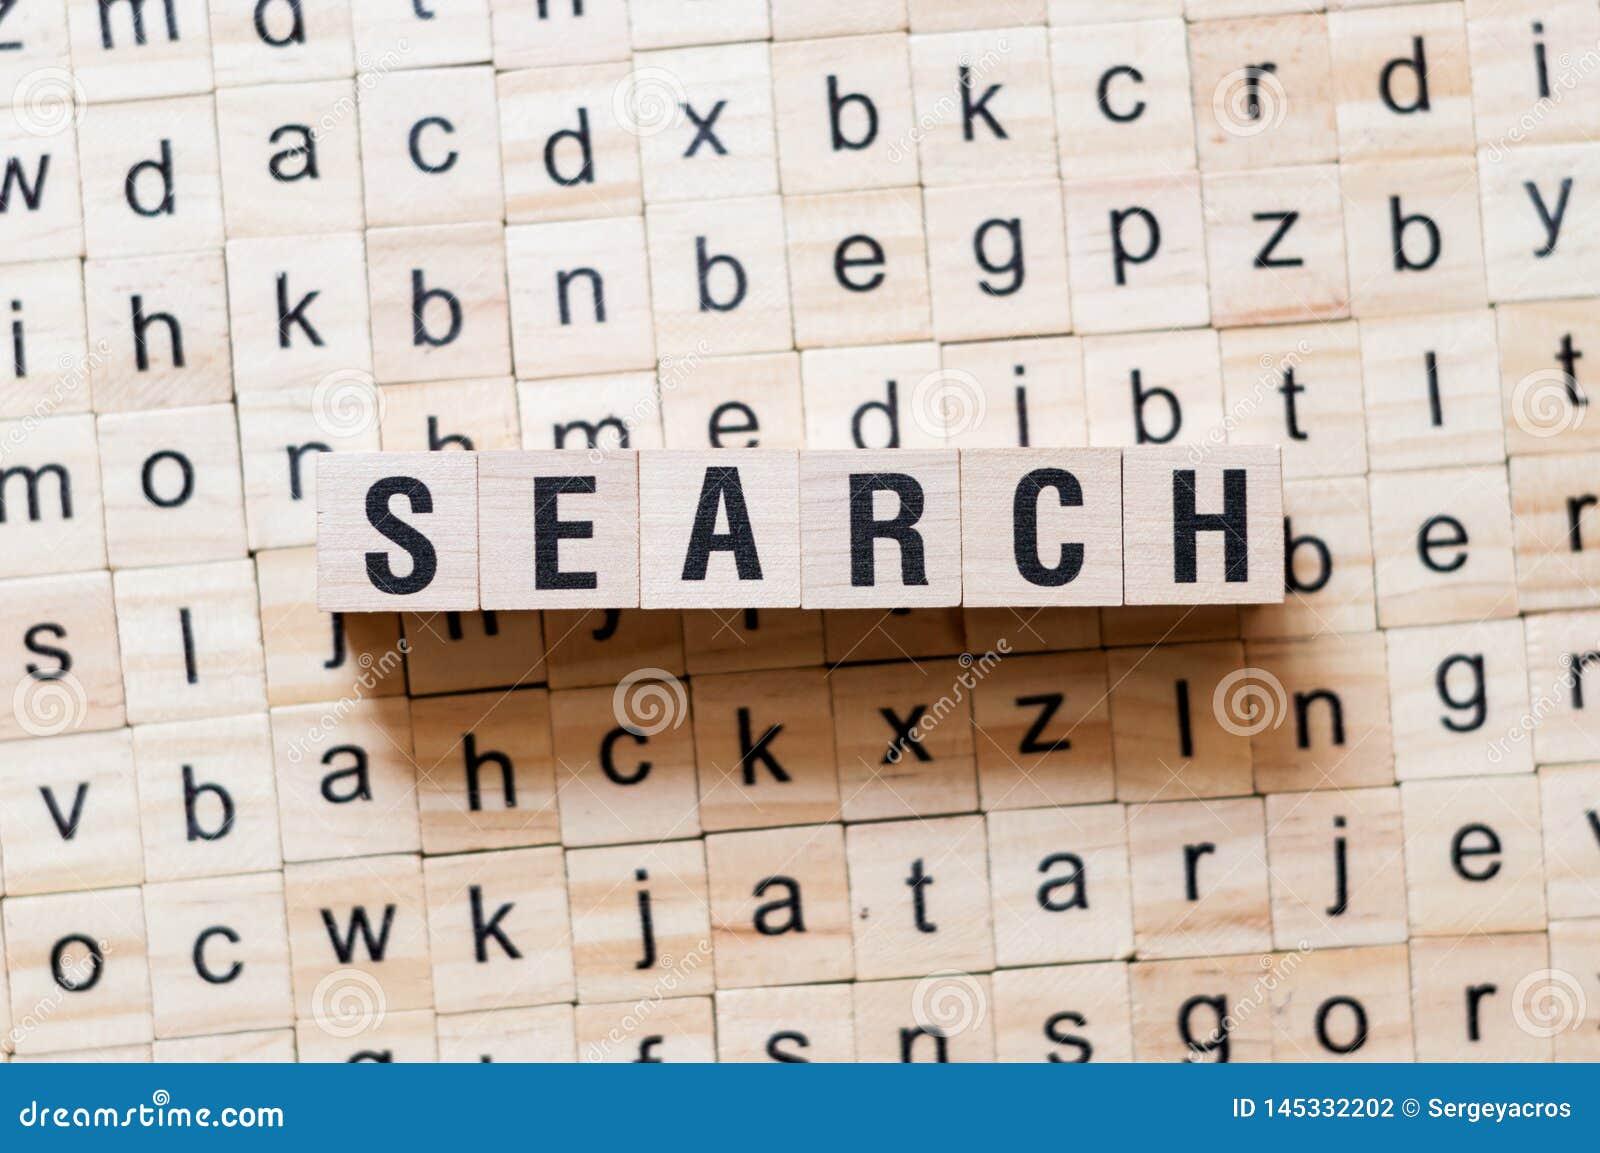 Концепция ключевого слова для поиска